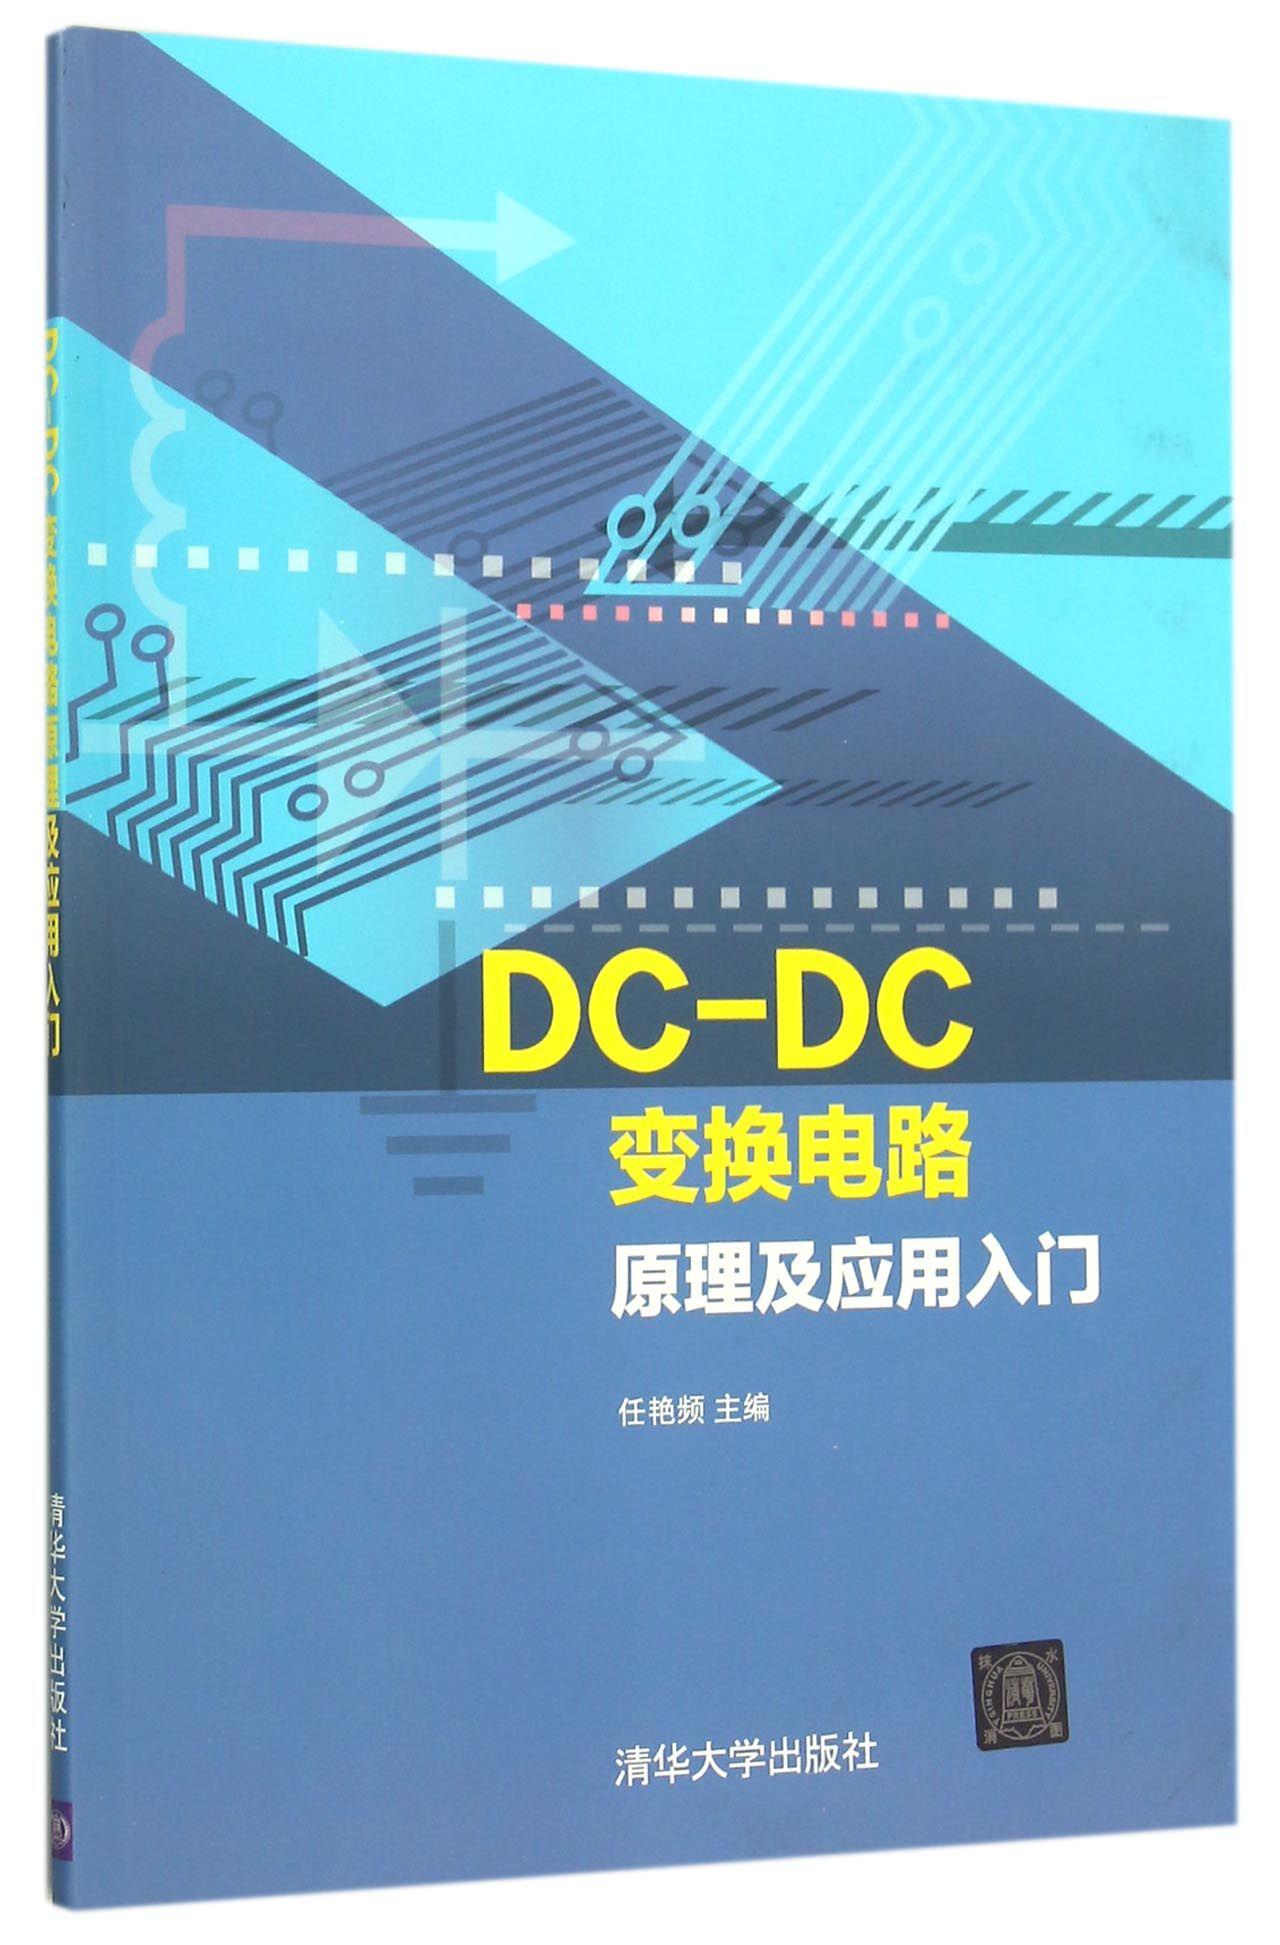 第1章 DC-DC变换电路及其分类 1.1 DC-DC变换电路在电子设备方面的需求 1.2 DC-DC变换电路的主要性能指标 1.3 DC-DC变换电路的发展和分类 1.4 动手实验 第2章 线性稳压器 2.1 线性稳压器的产生和发展 2.2 线性稳压器的基本组成及工作特点 2.3 线性稳压器的基本实现电路 2.3.1 基本实现电路 2.